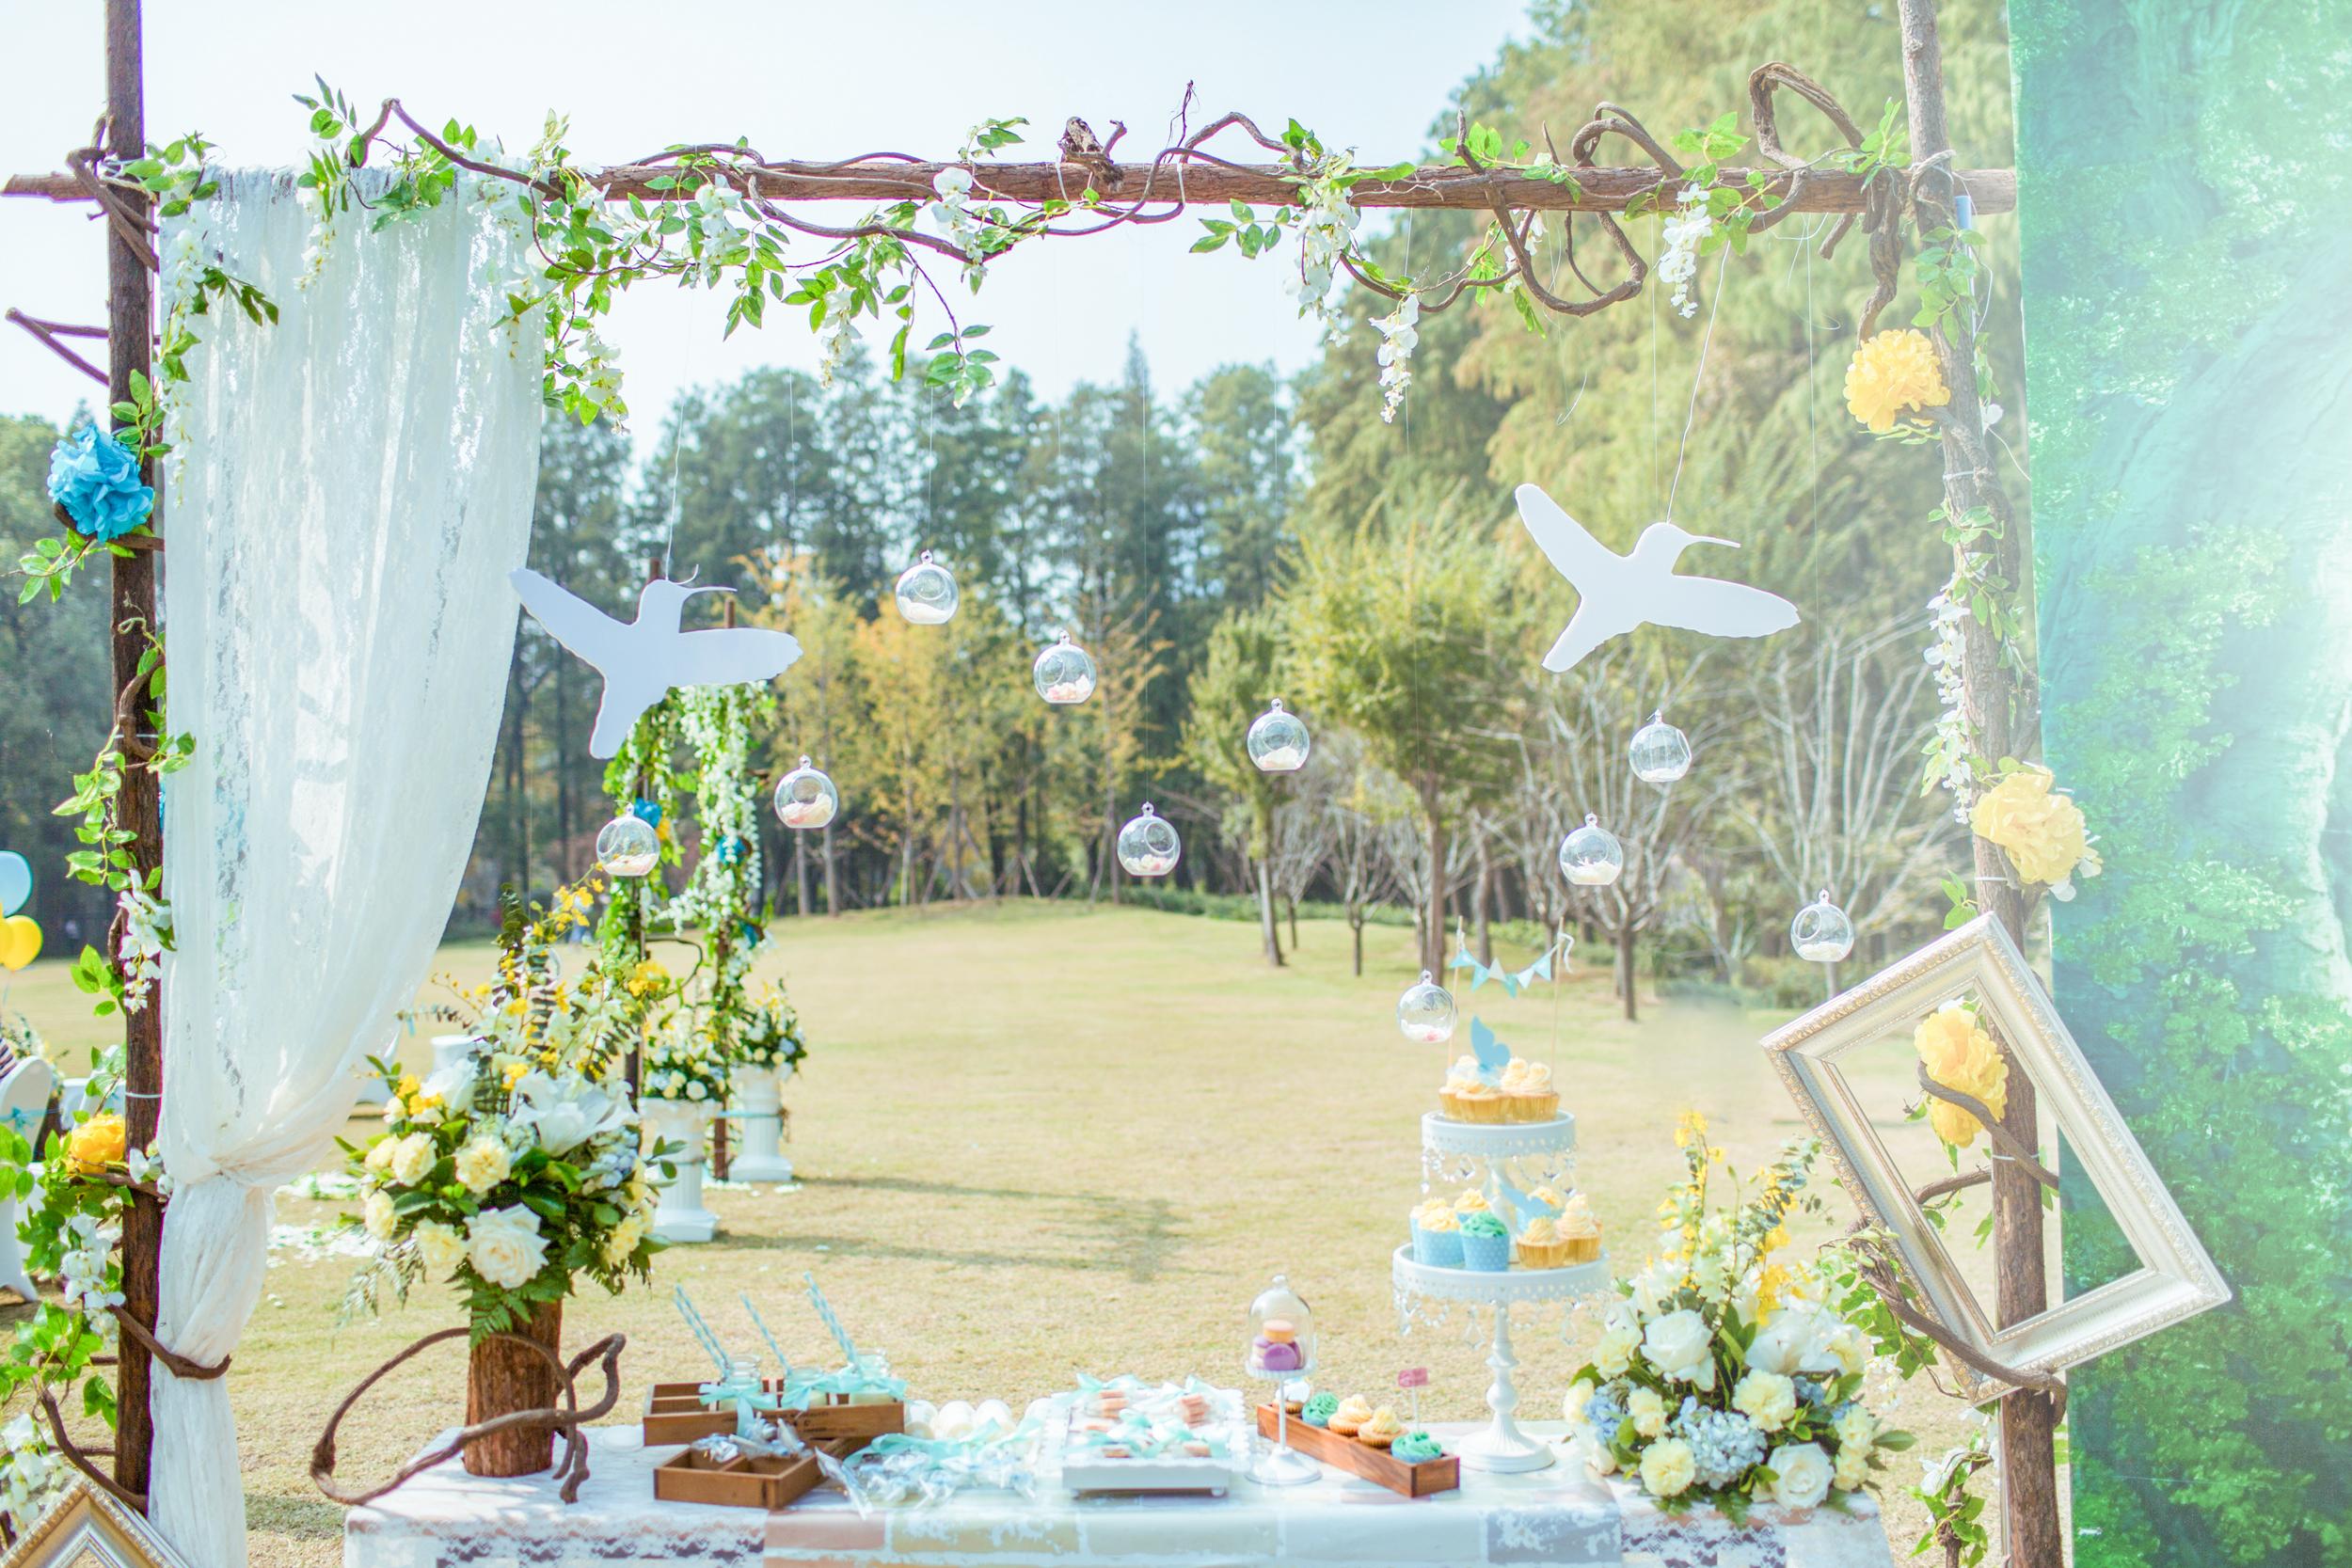 草坪平面图/庭院手绘平面图/手绘平面草坪怎么表示/钢笔画草坪平面图